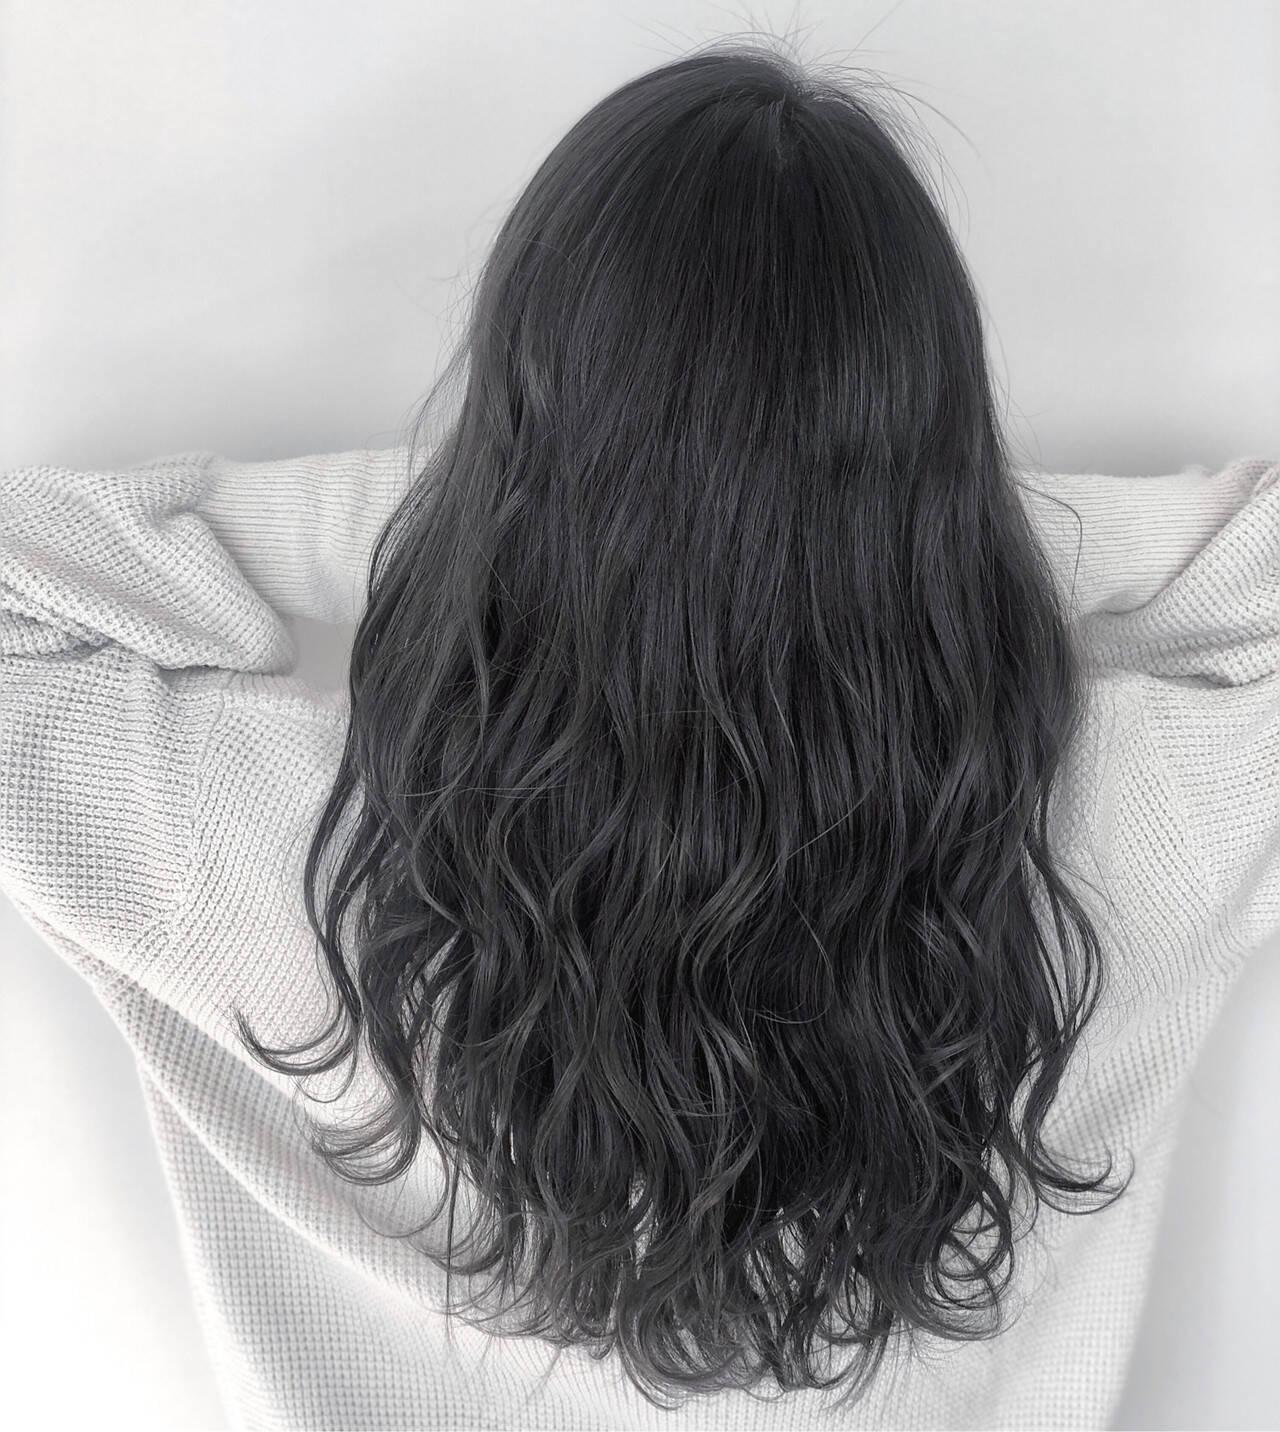 デート ナチュラル ダークカラー アッシュグレージュヘアスタイルや髪型の写真・画像